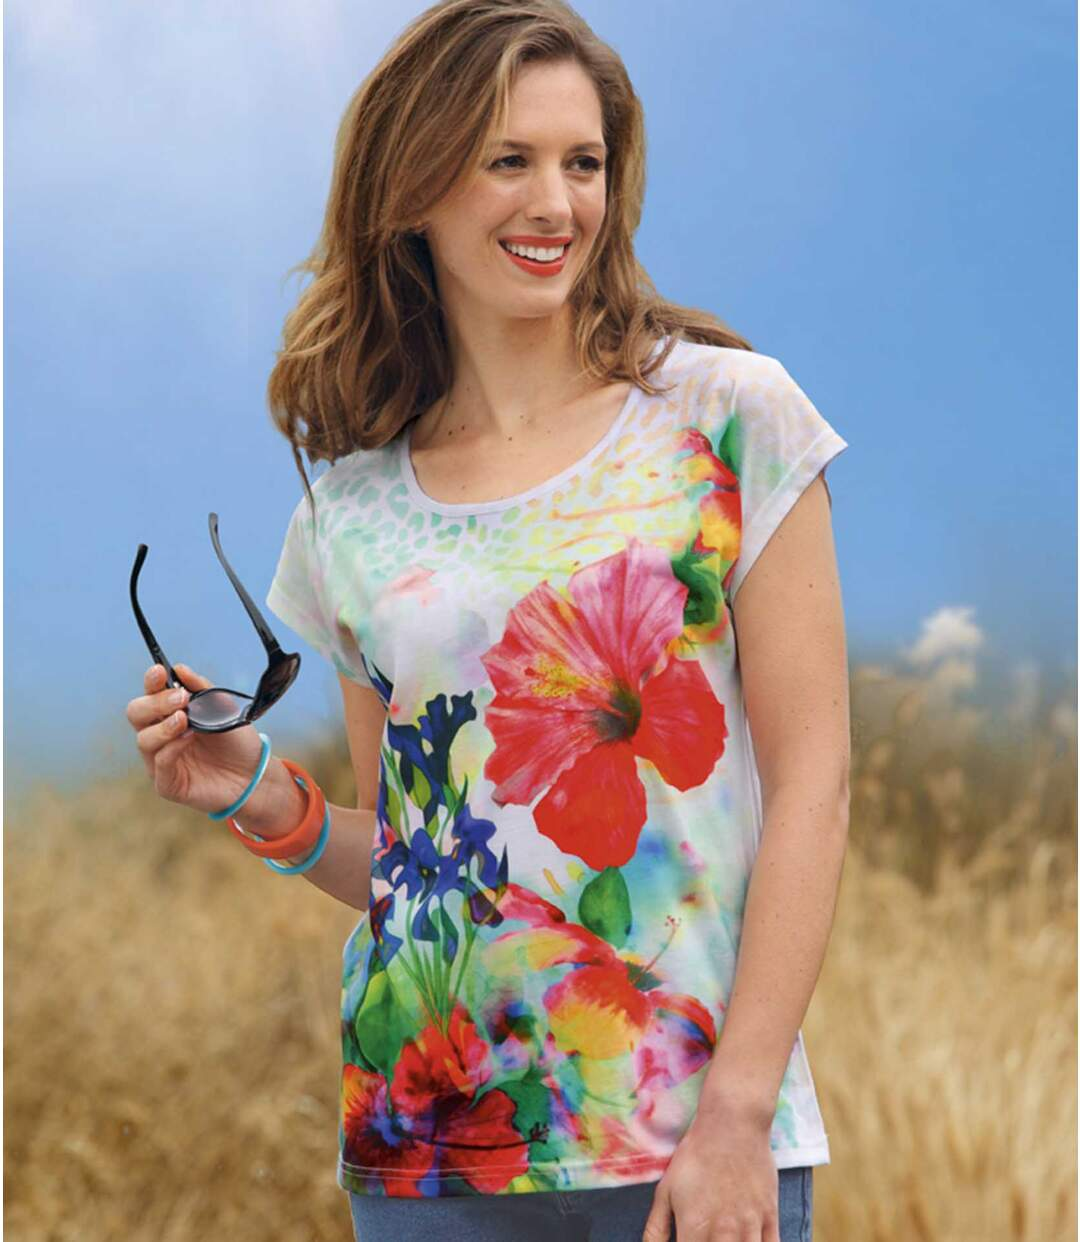 Women's White Floral Print T-Shirt